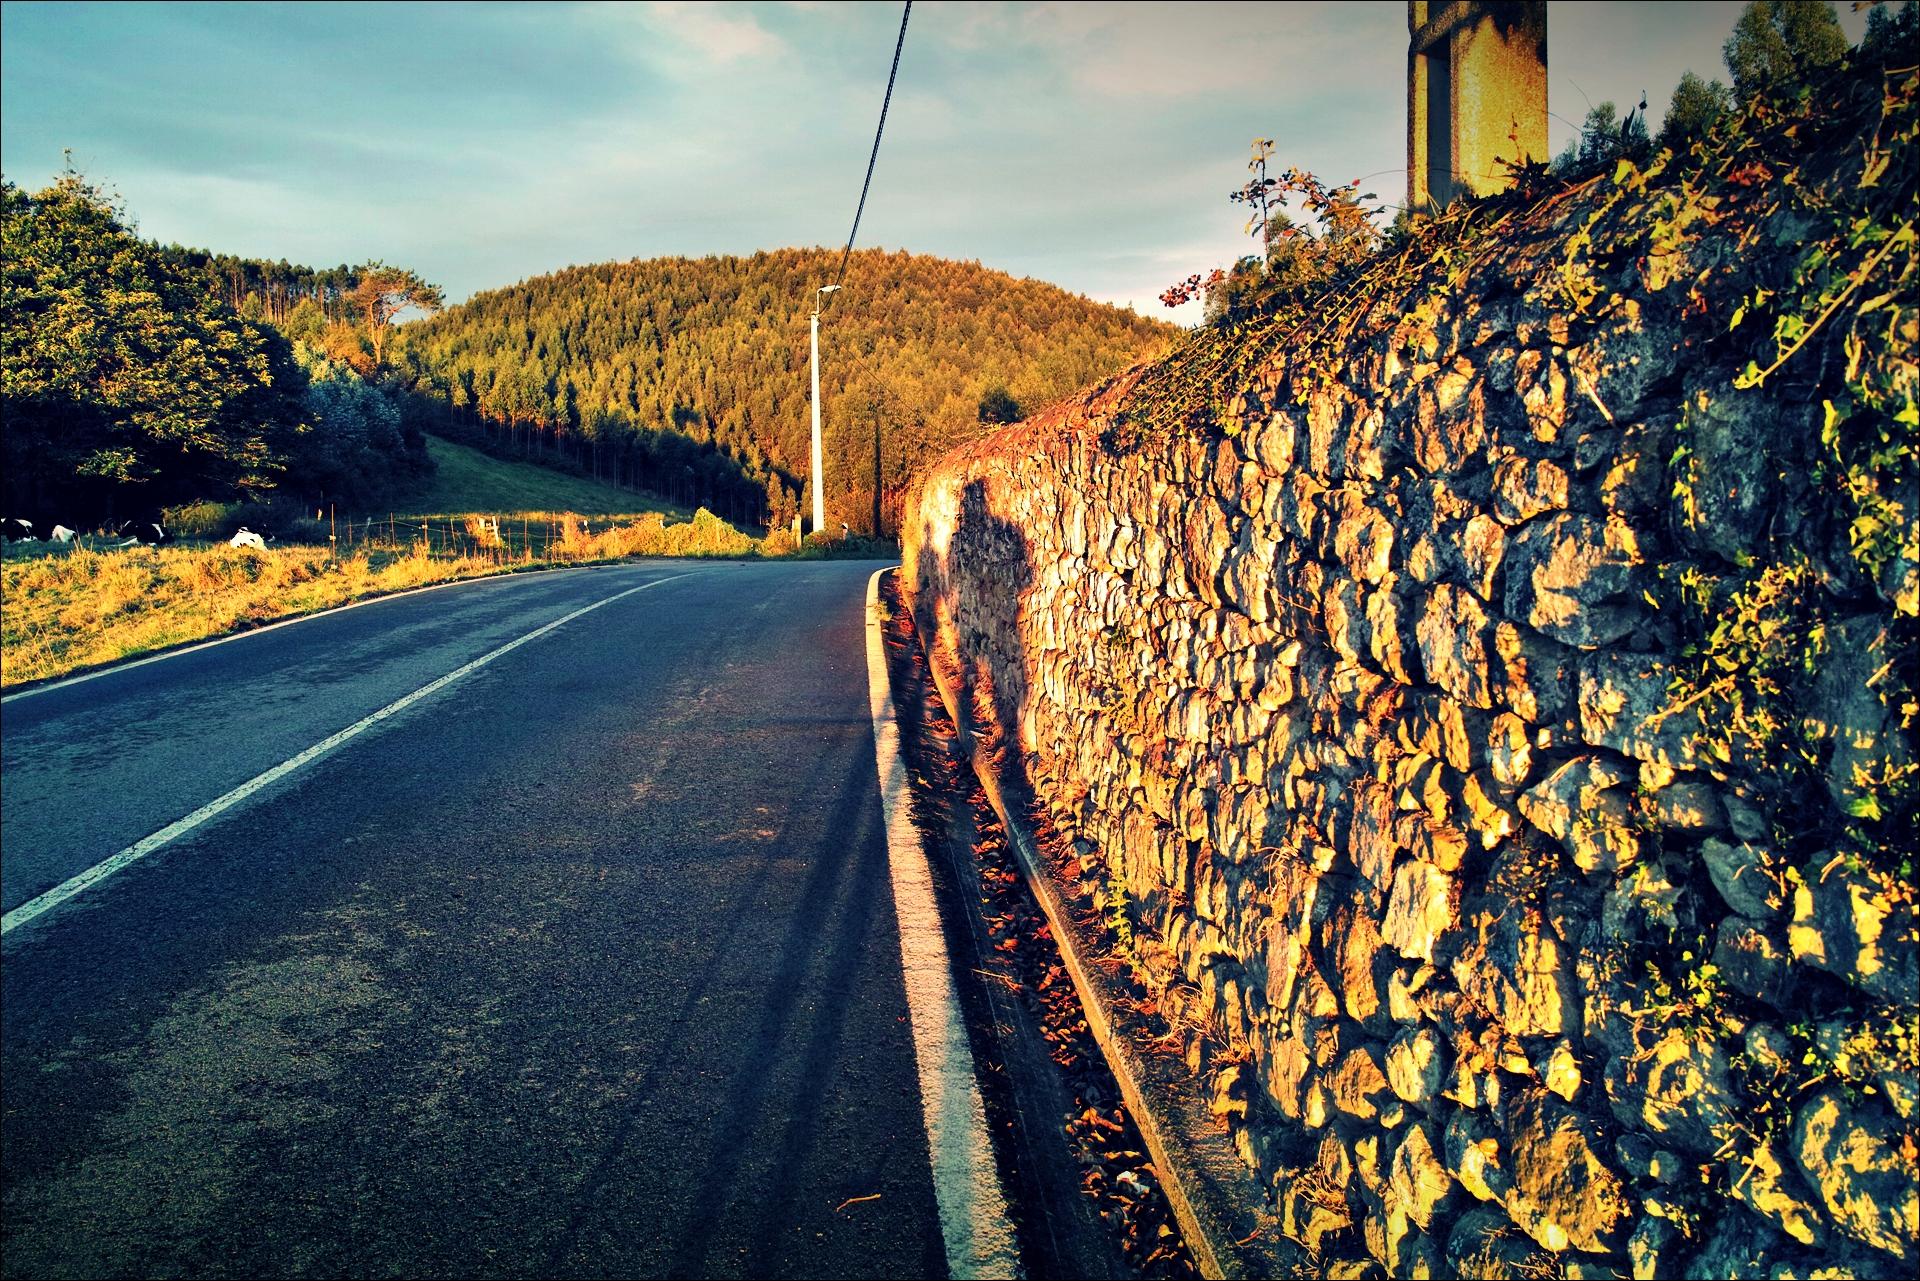 돌담길-'카미노 데 산티아고 북쪽길. 궤메스에서 산탄데르. (Camino del Norte - Güemes to Santander)'